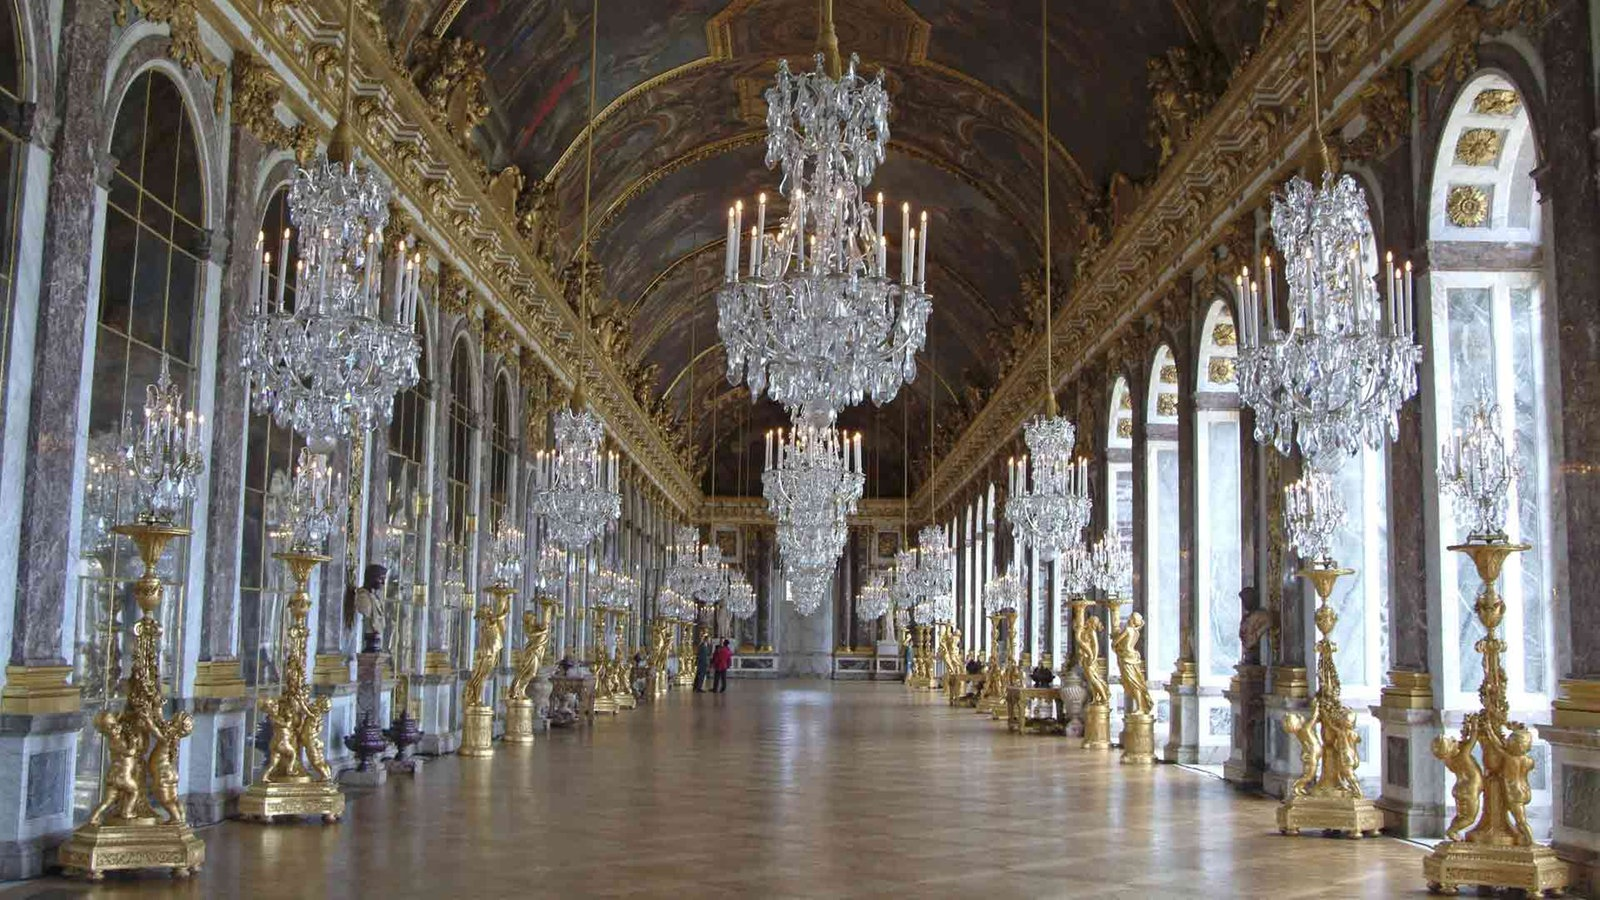 Bauten und stilelemente barockg rten neuzeit geschichte planet wissen - Kronleuchter barock ...